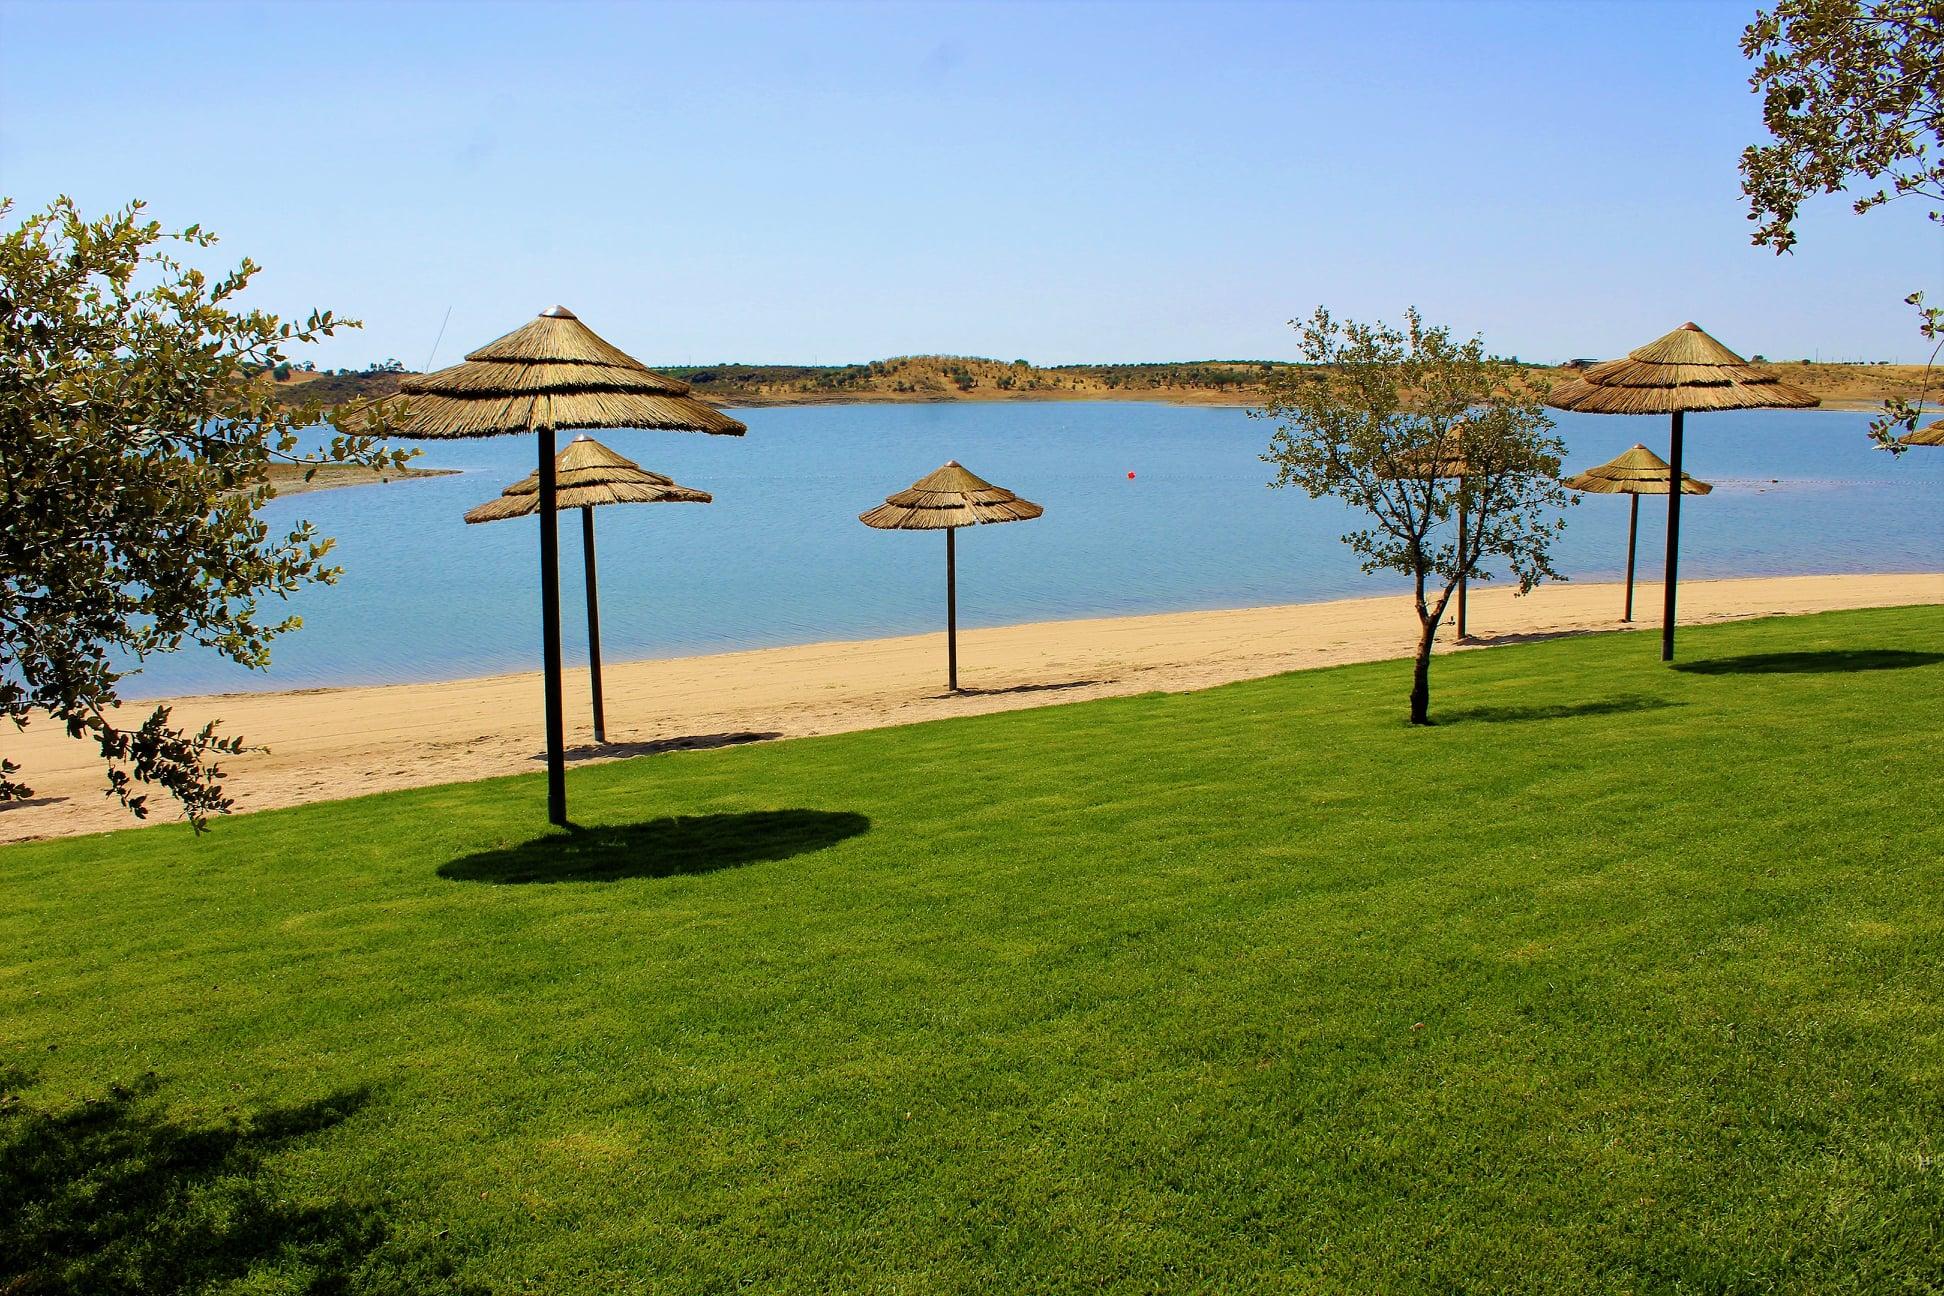 Praia de Mourão reconhecida pelo Júri Nacional do Programa Bandeira Azul devido à qualidade e boas práticas de segurança